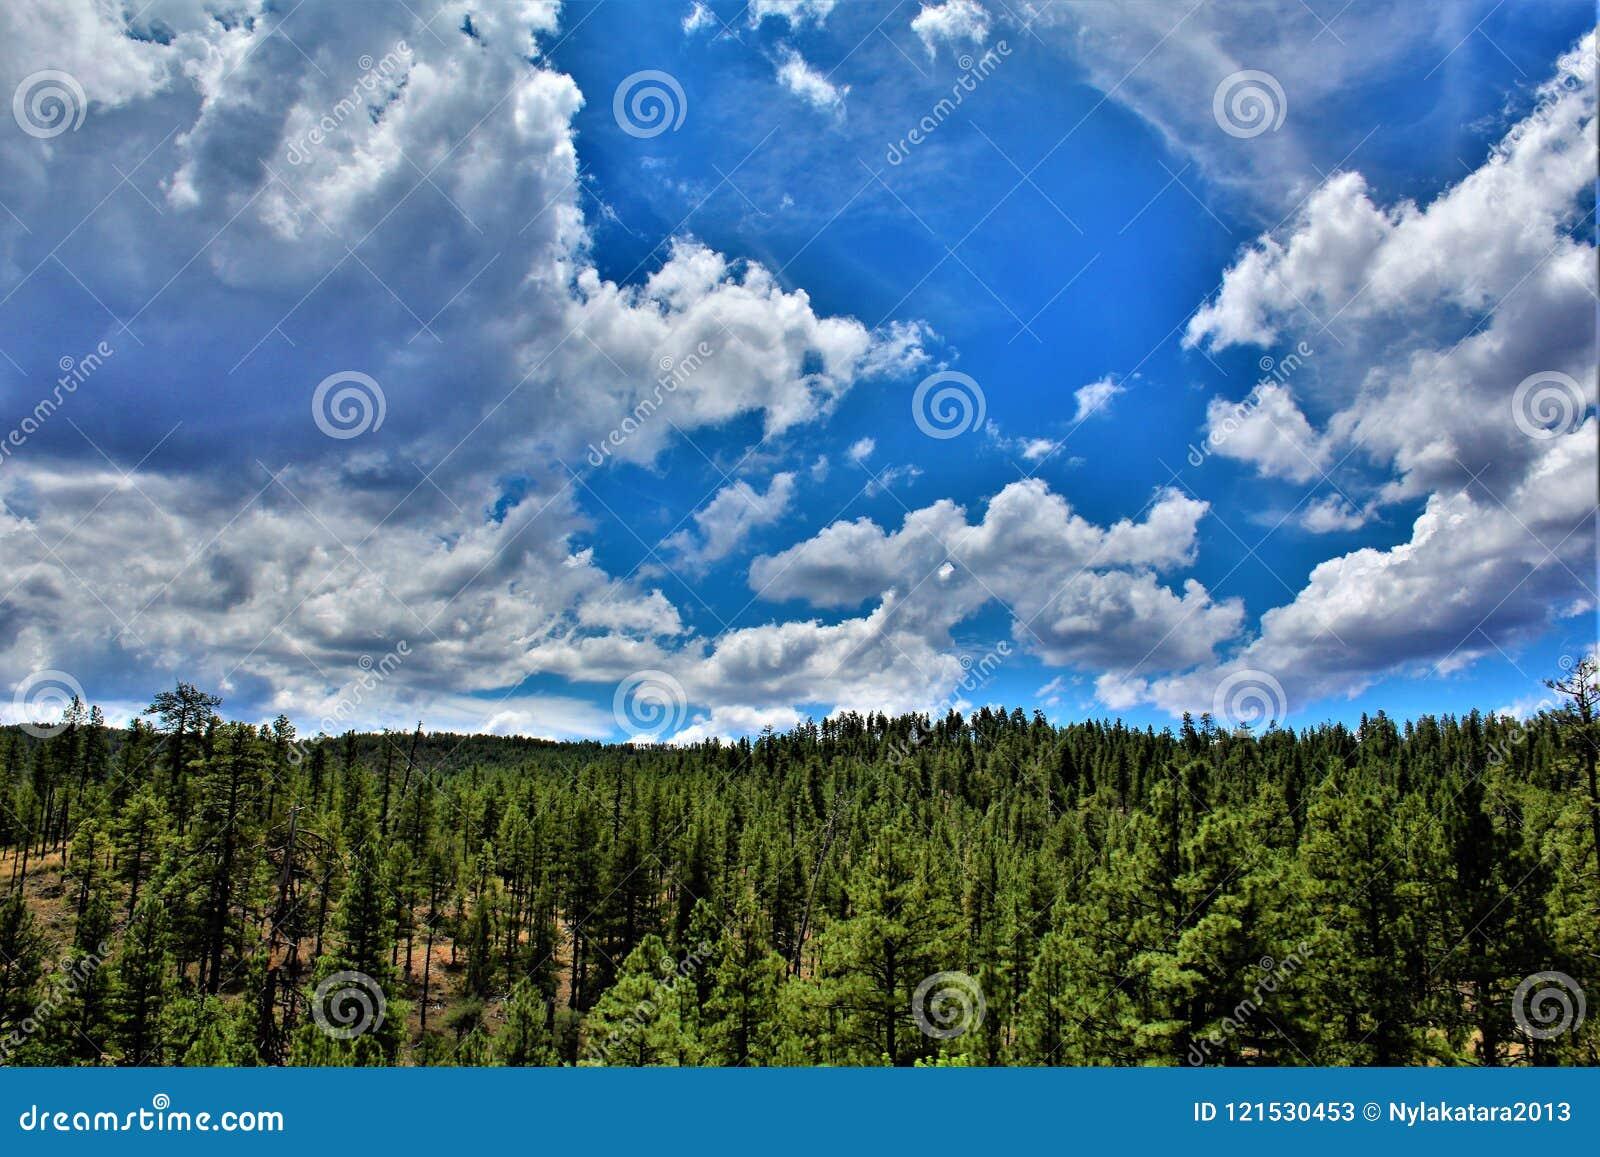 Национальный лес Tonto, министерство сельского хозяйства Аризоны, Соединенных Штатов